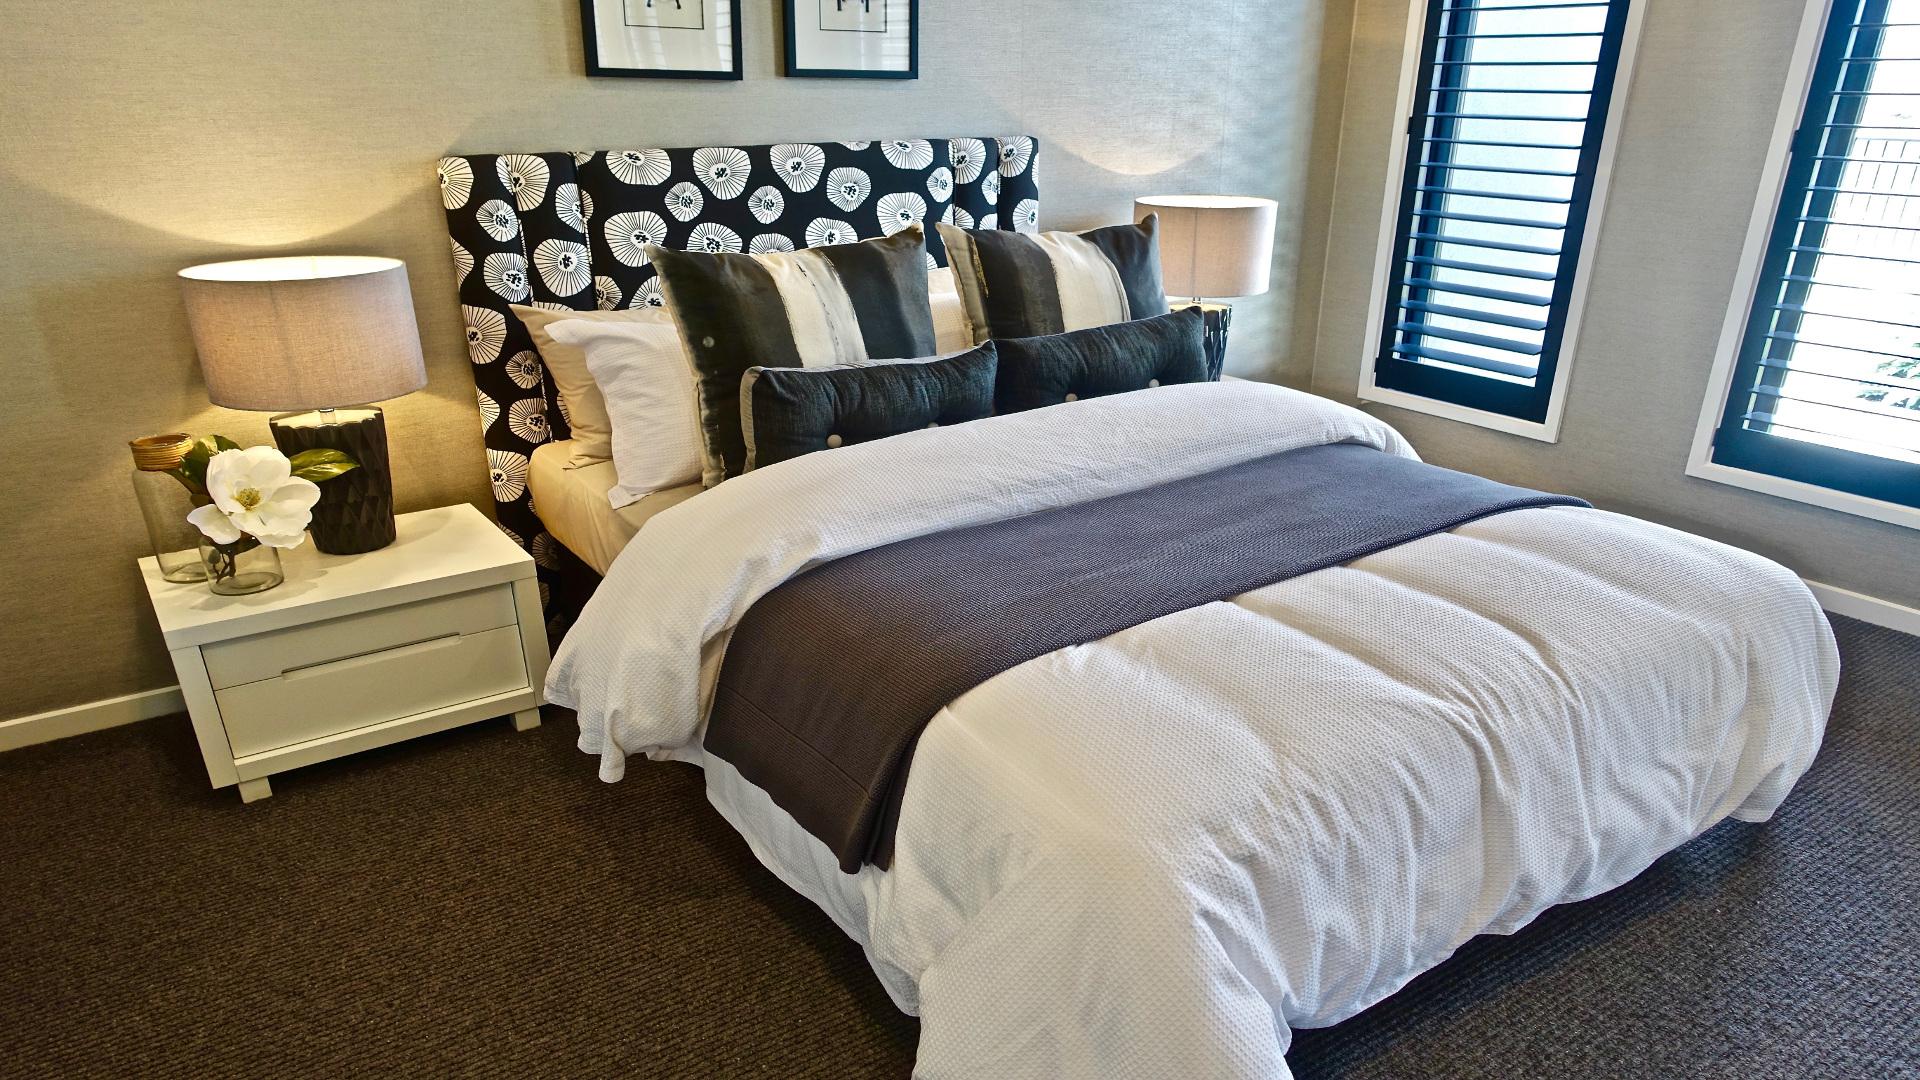 Manten tu dormitorio ordenado en 10 pasos1920